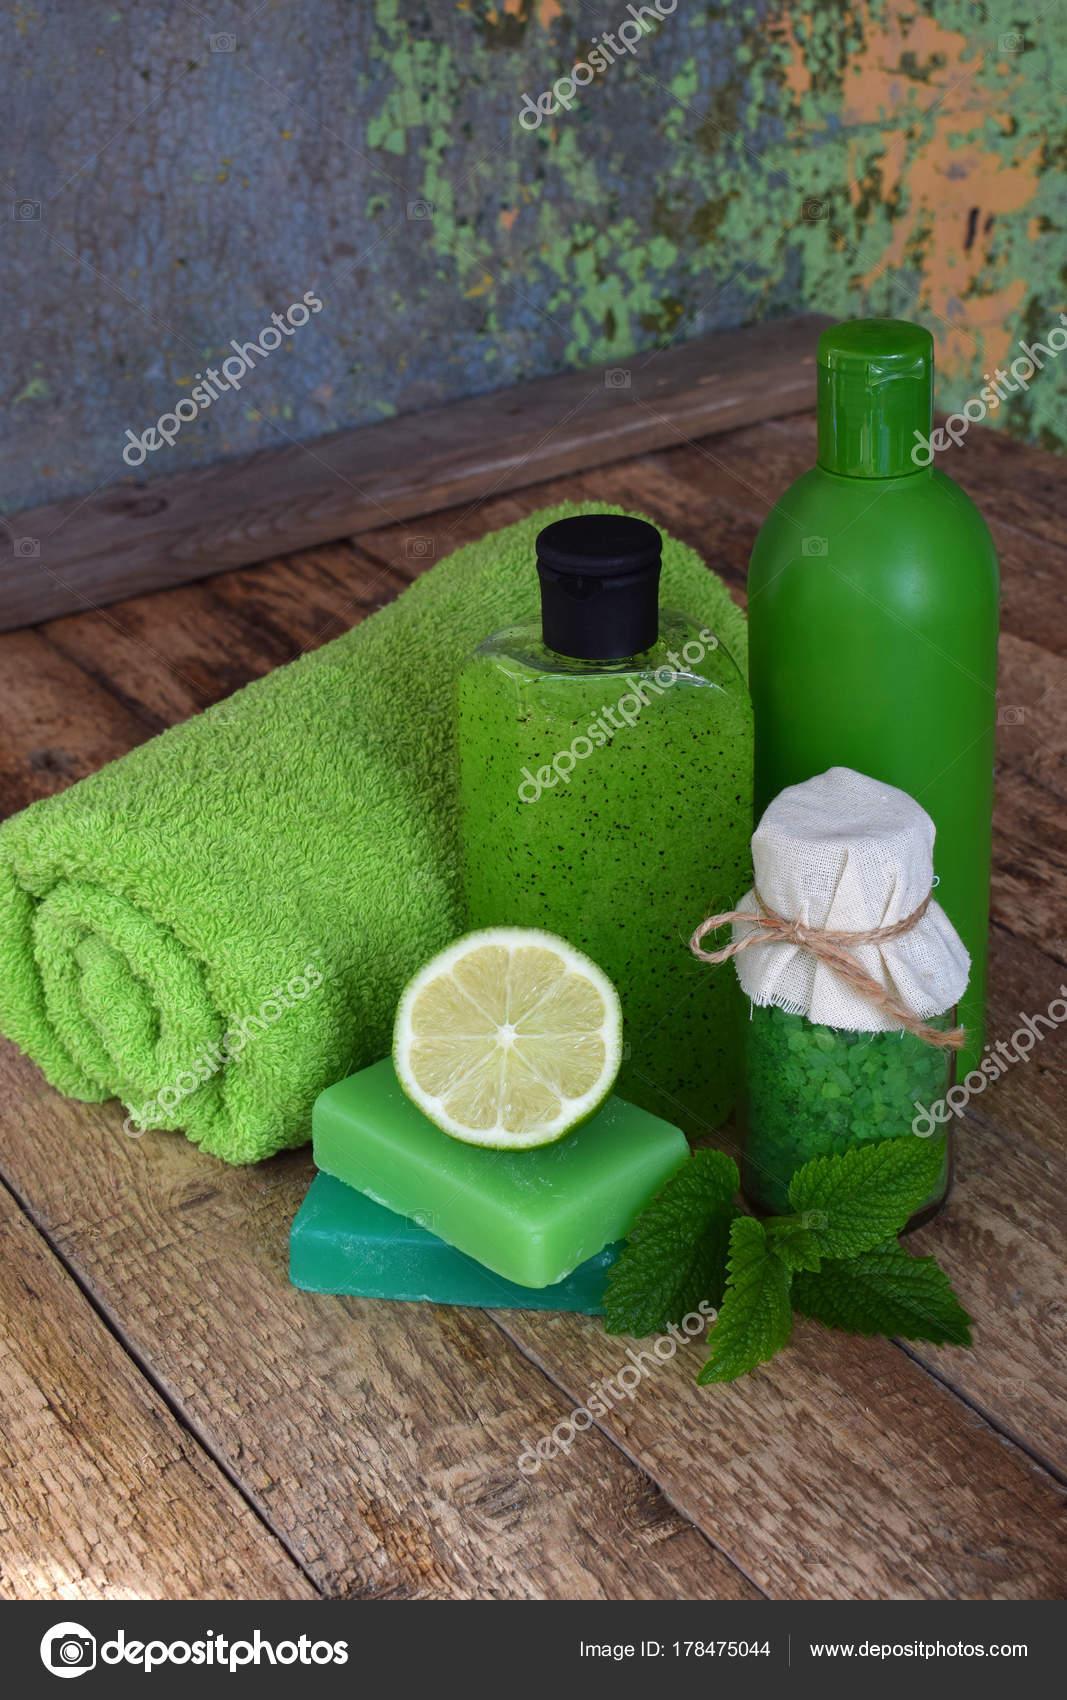 Limette Minze Zusammensetzung Beauty-Behandlung-Produkte in grünen ...